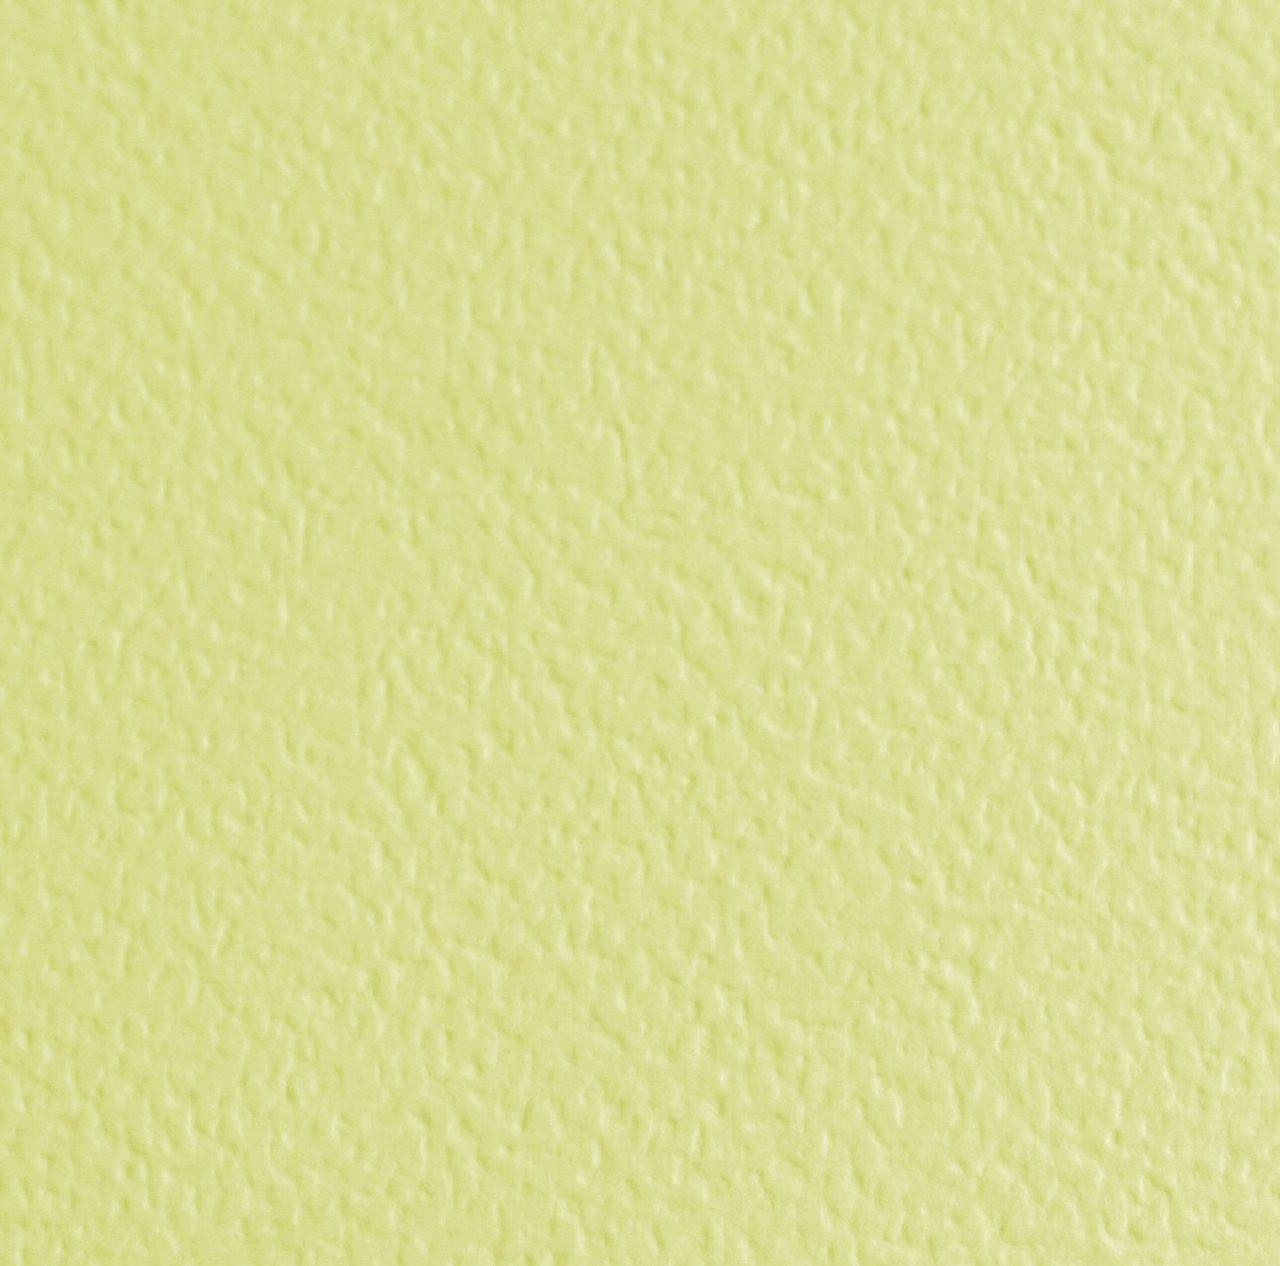 Baby Chick - Orange Peel Texture